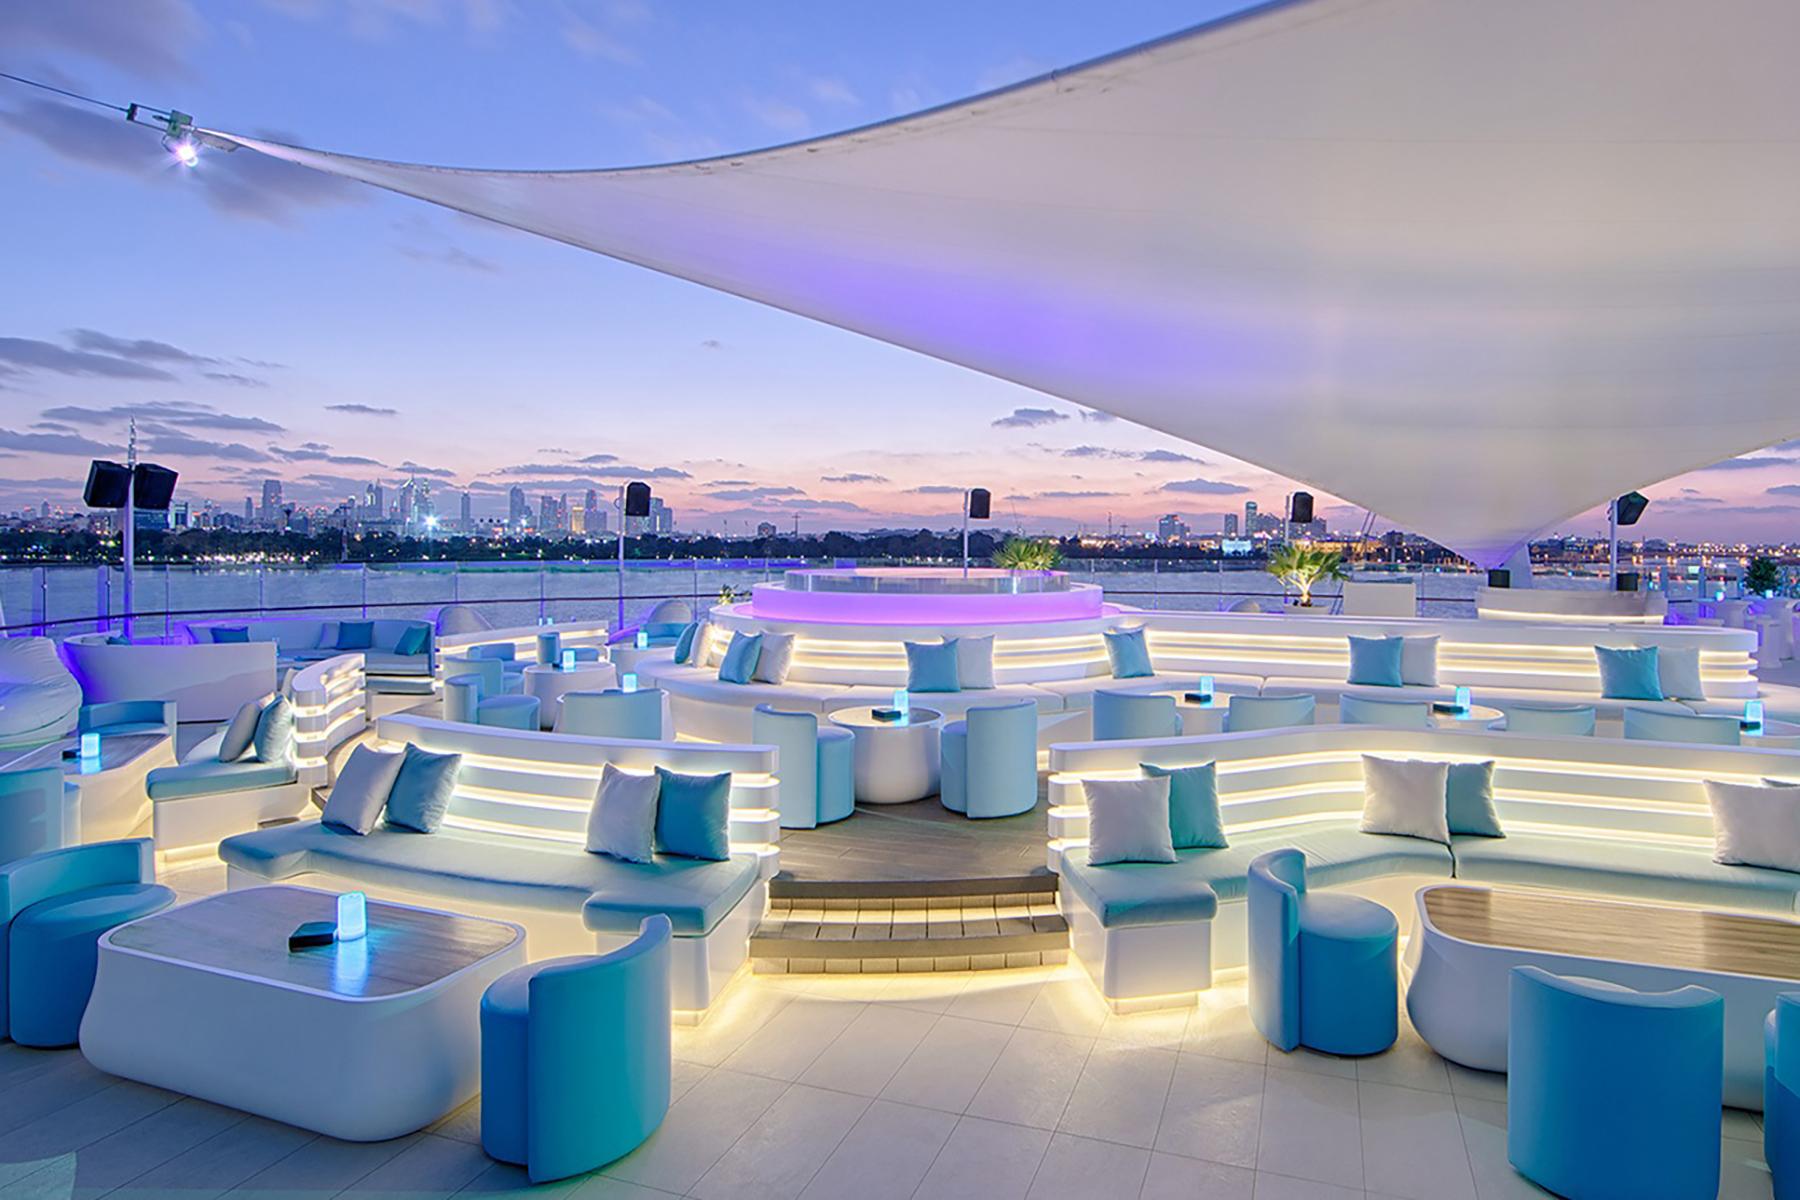 Cielo Sky Lounge in Dubai